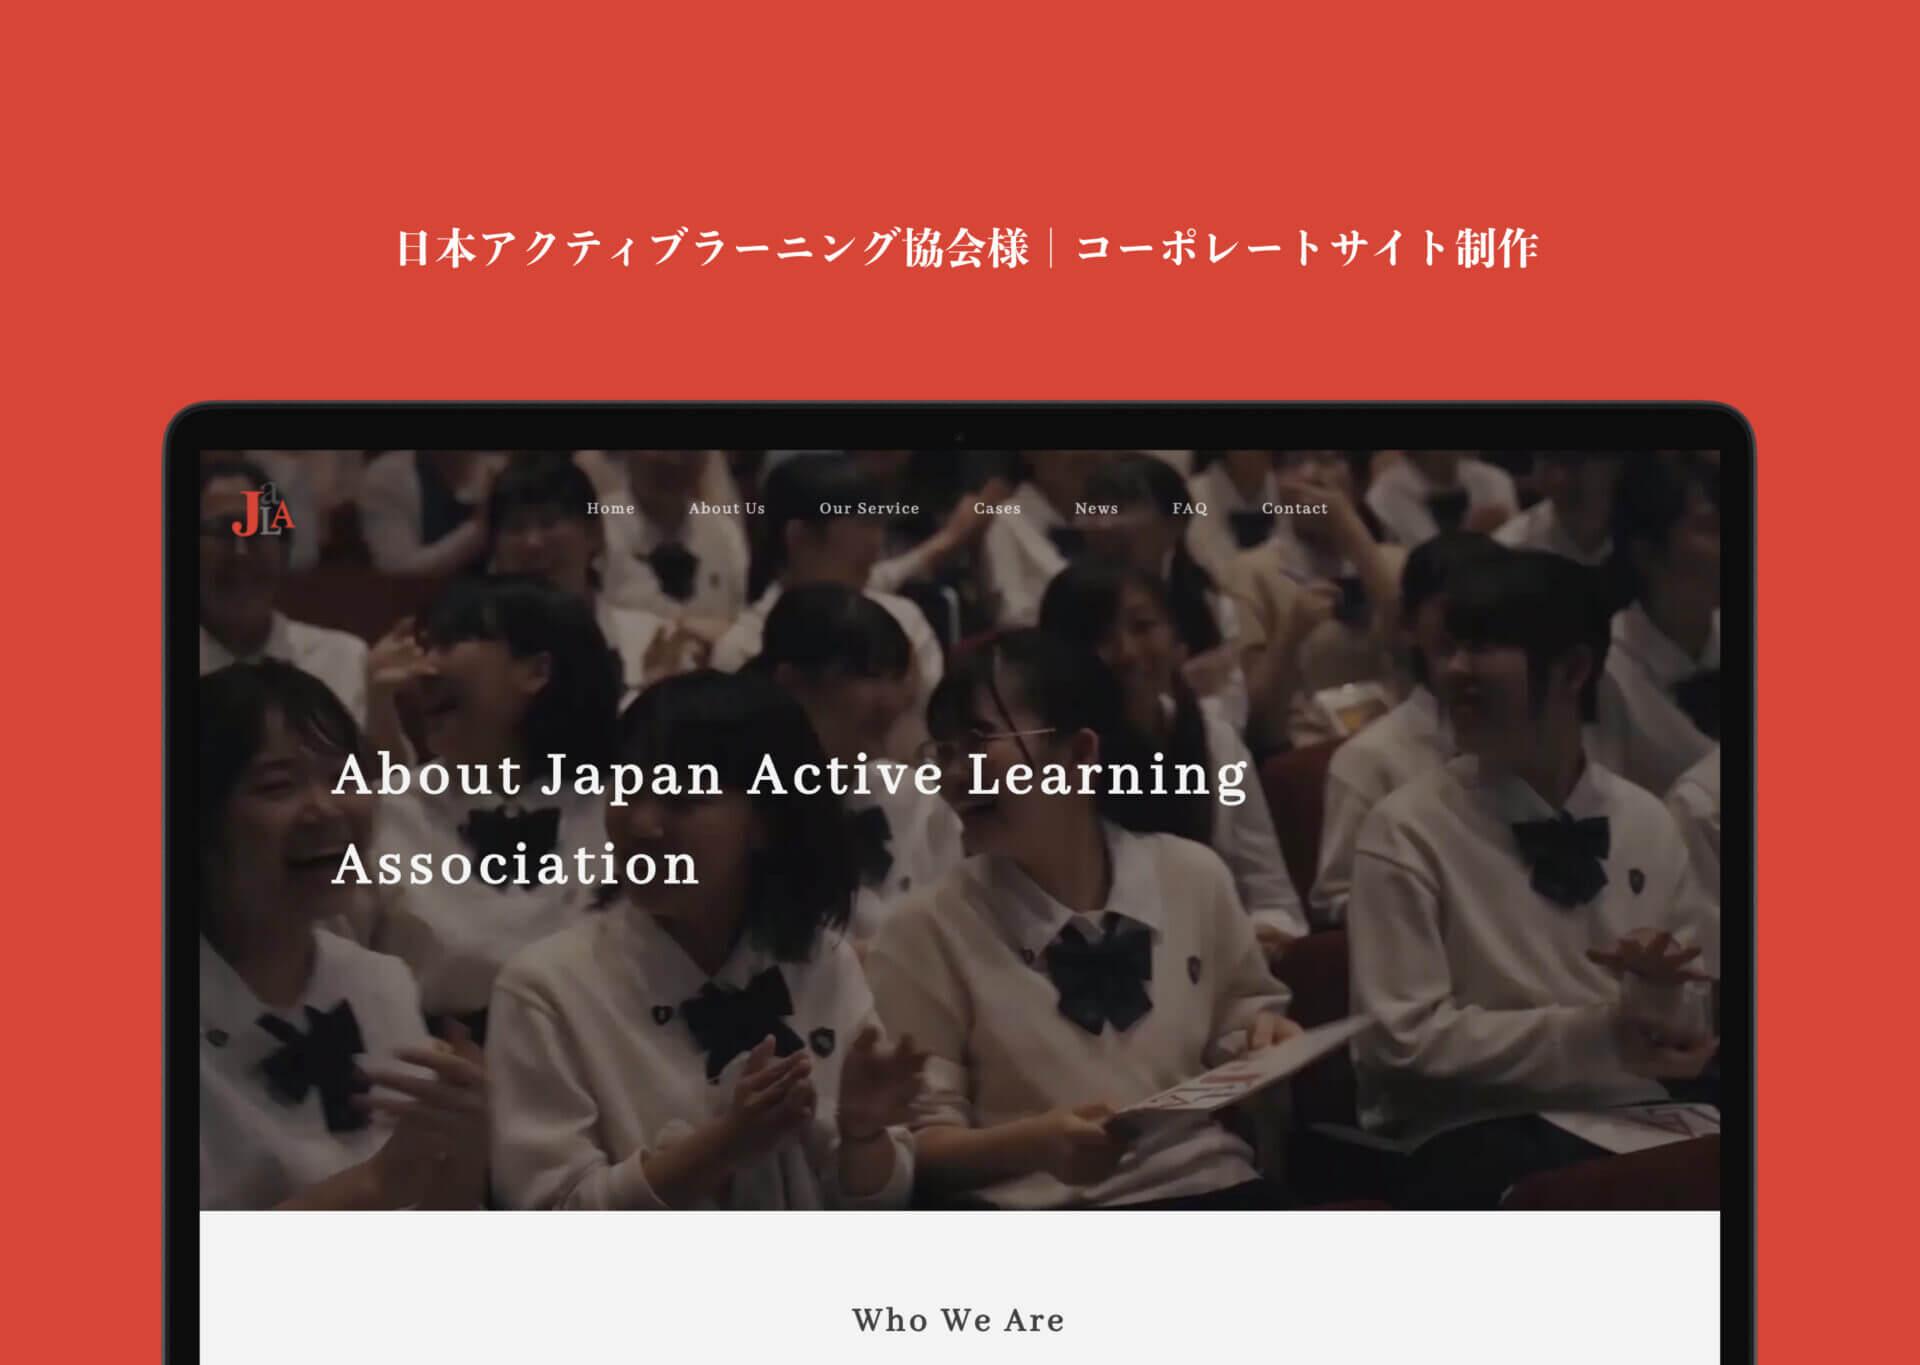 日本アクティブラーニング協会様|コーポレートサイト制作